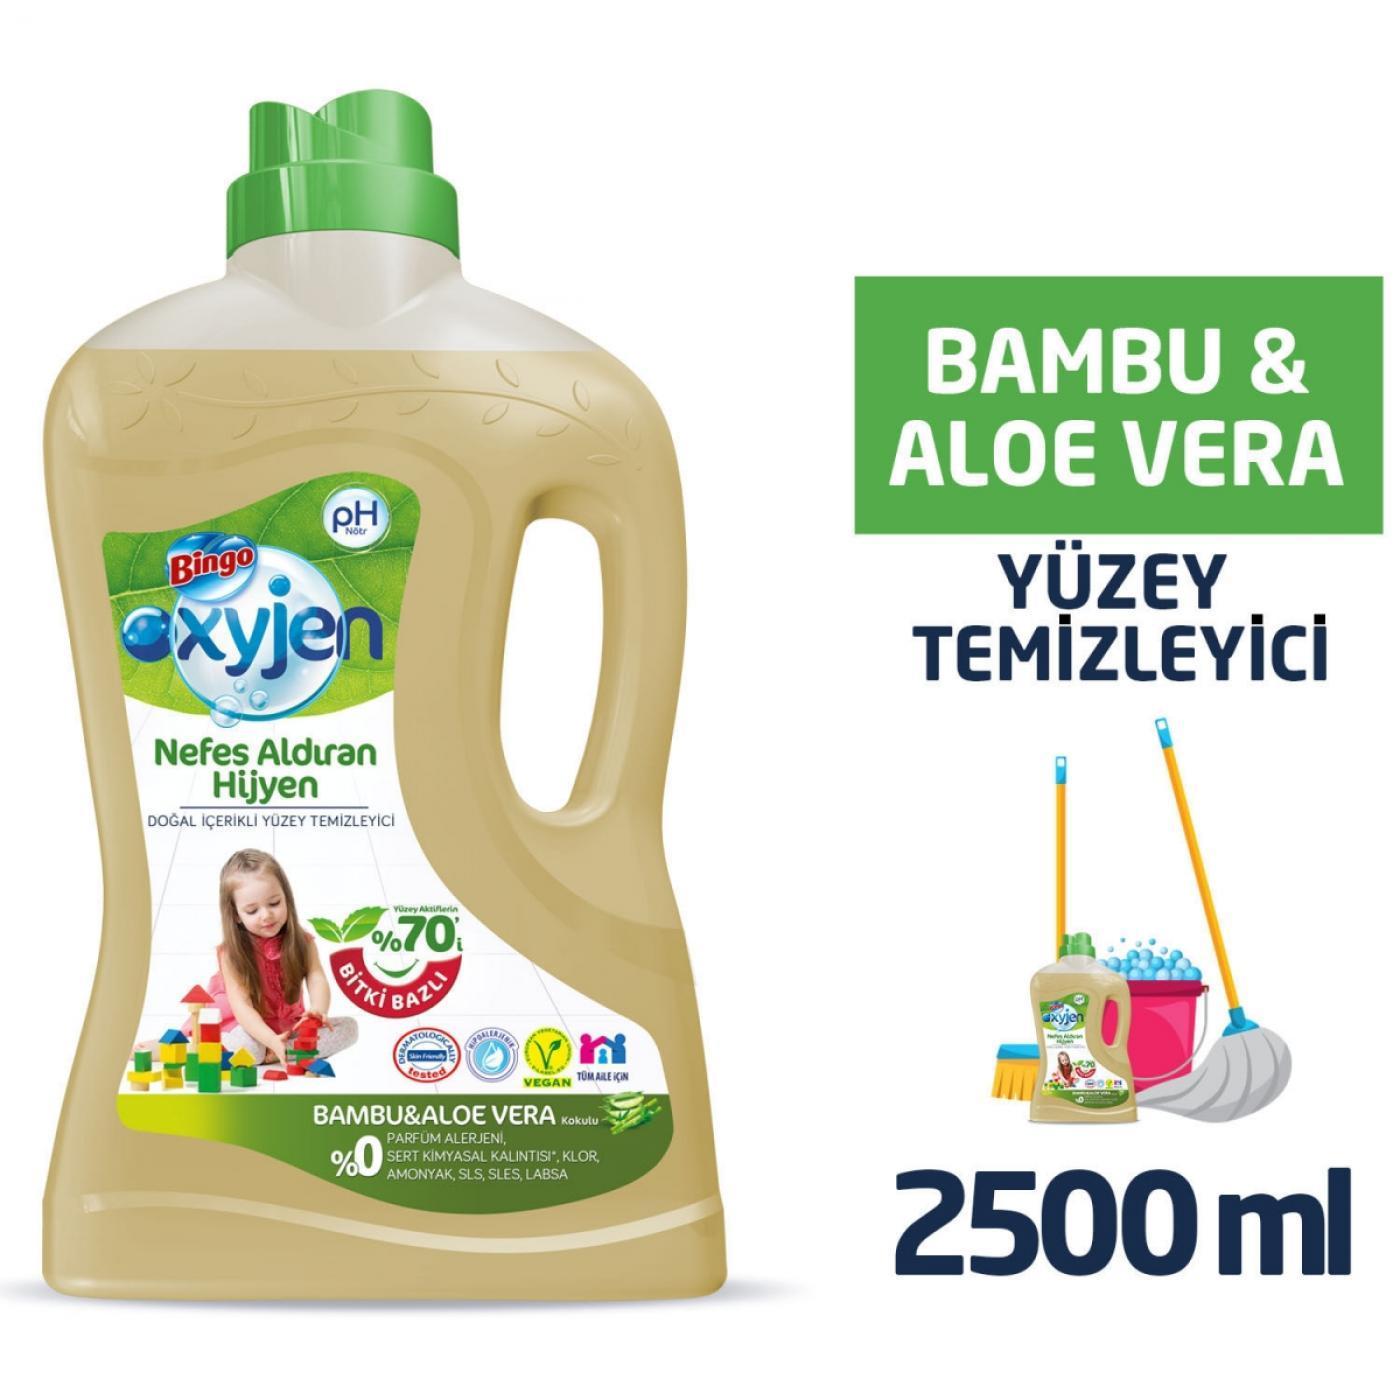 BİNGO OKSİJEN YÜZEY TEM. 2,5LT BAMBU&ALOE VERA